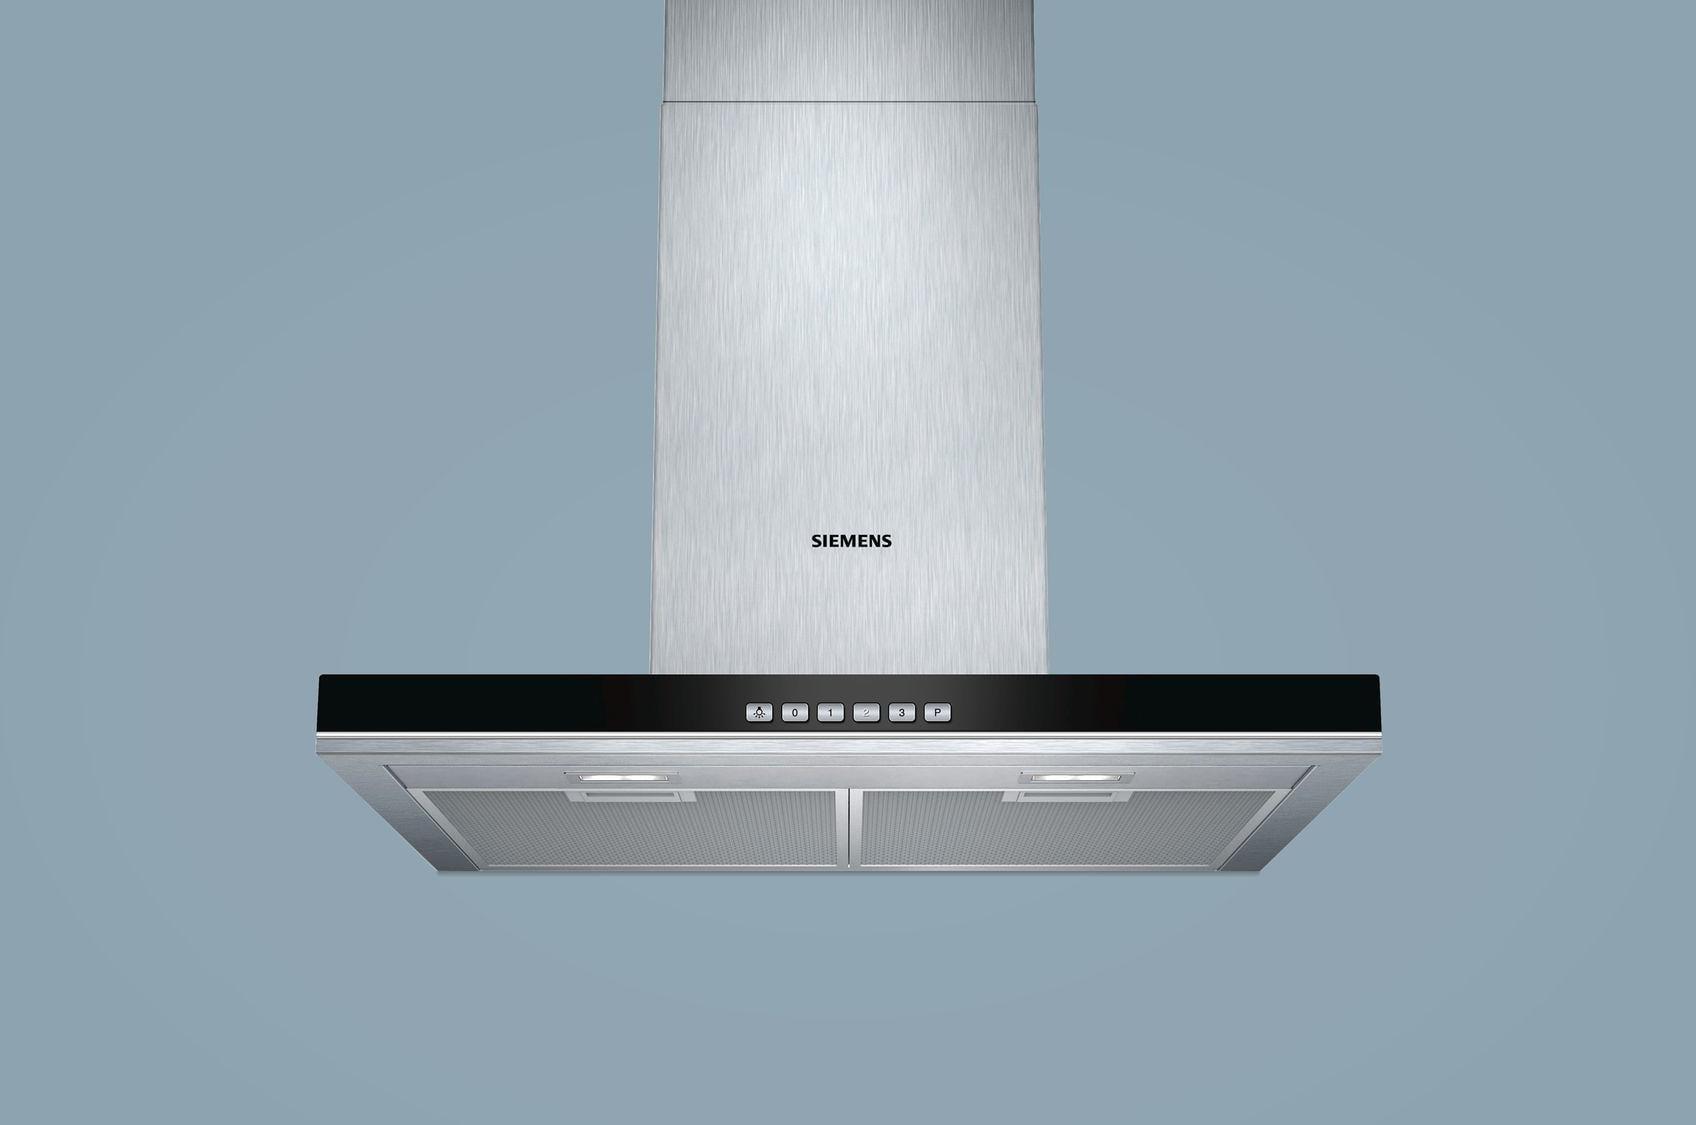 Siemens lc bf dunstabzugshaube wand esse cm breit ab